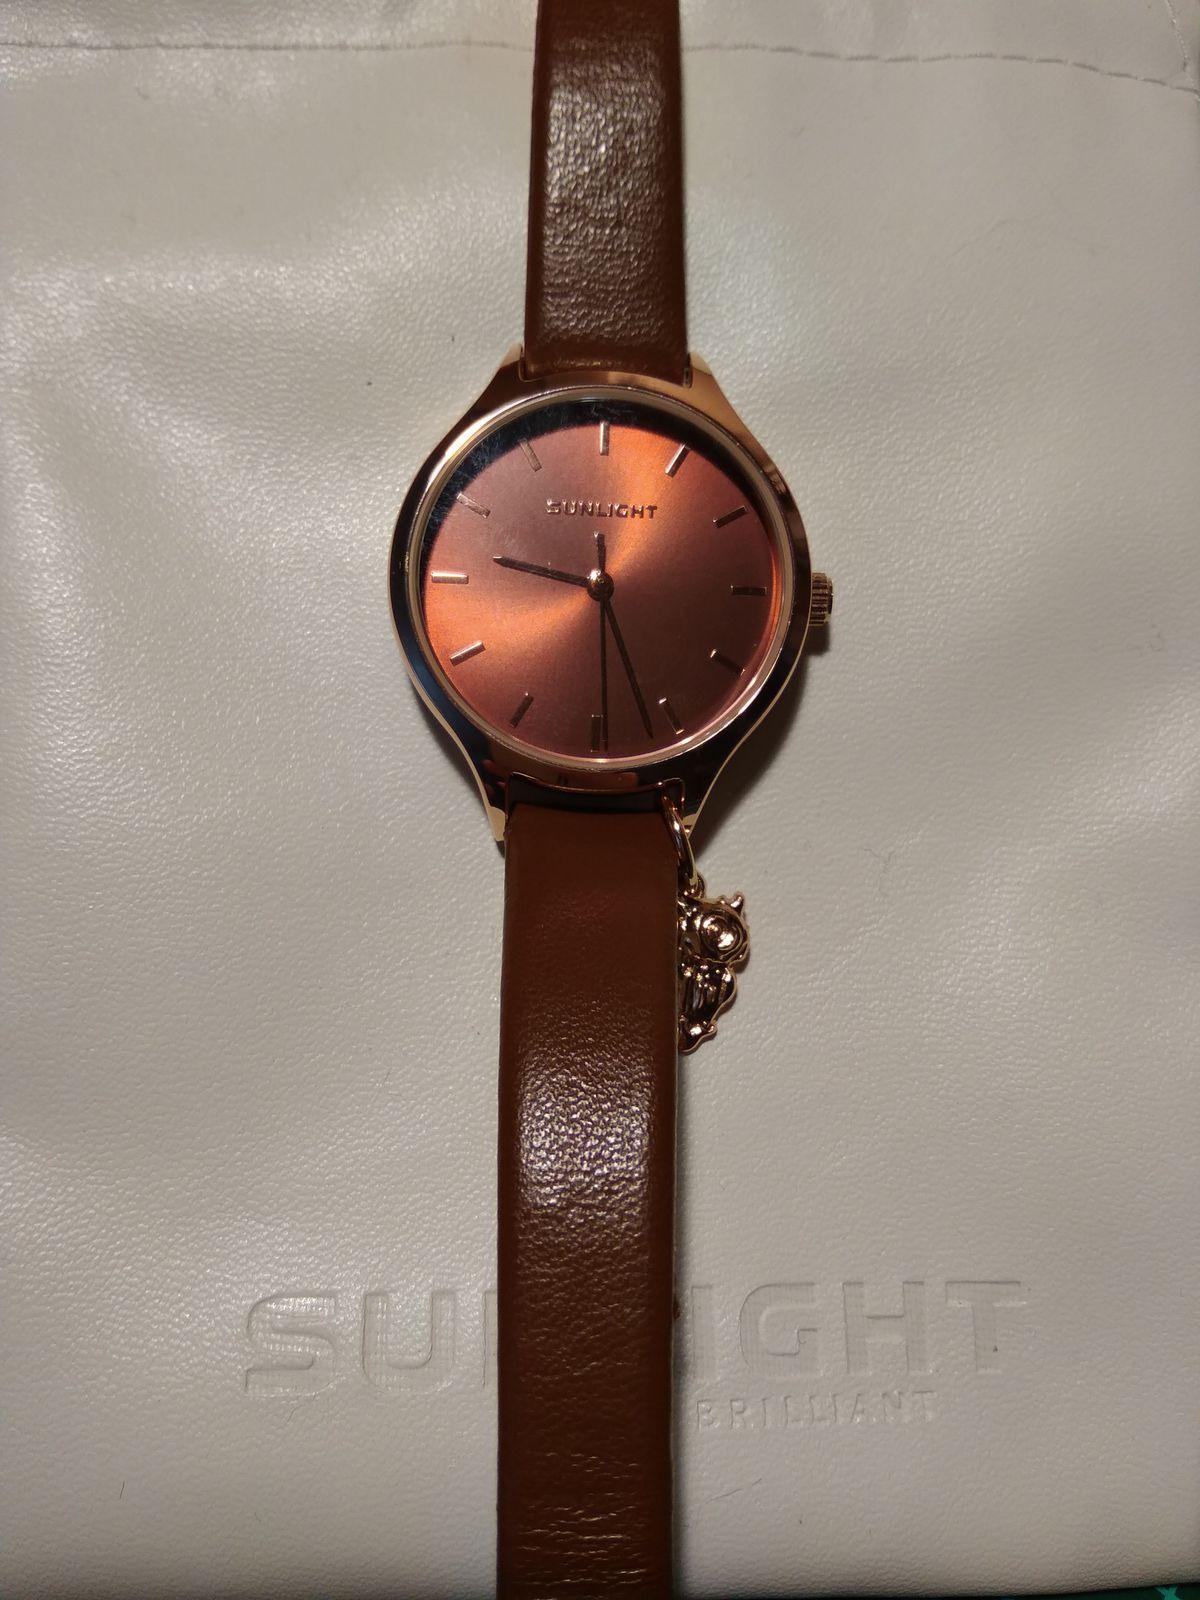 Замечательная покупка - милые часы с совушкой ;)